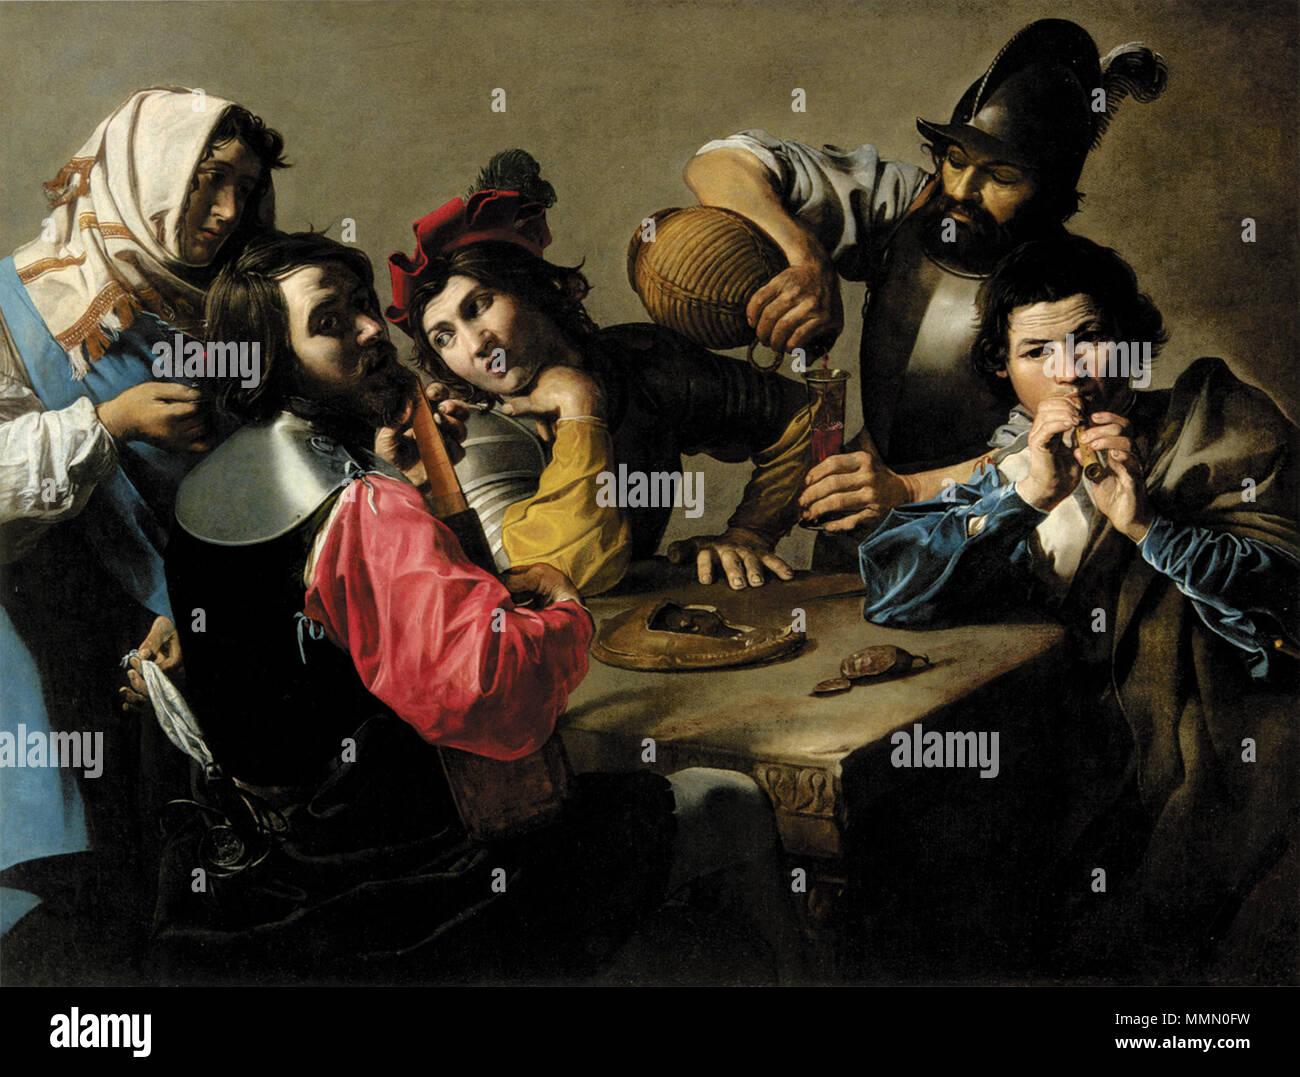 . English: Concerto  . circa 1615. Valentin de Boulogne - Indianapolis, Museum of Art Concerto - V. de Boulogne - Stock Image